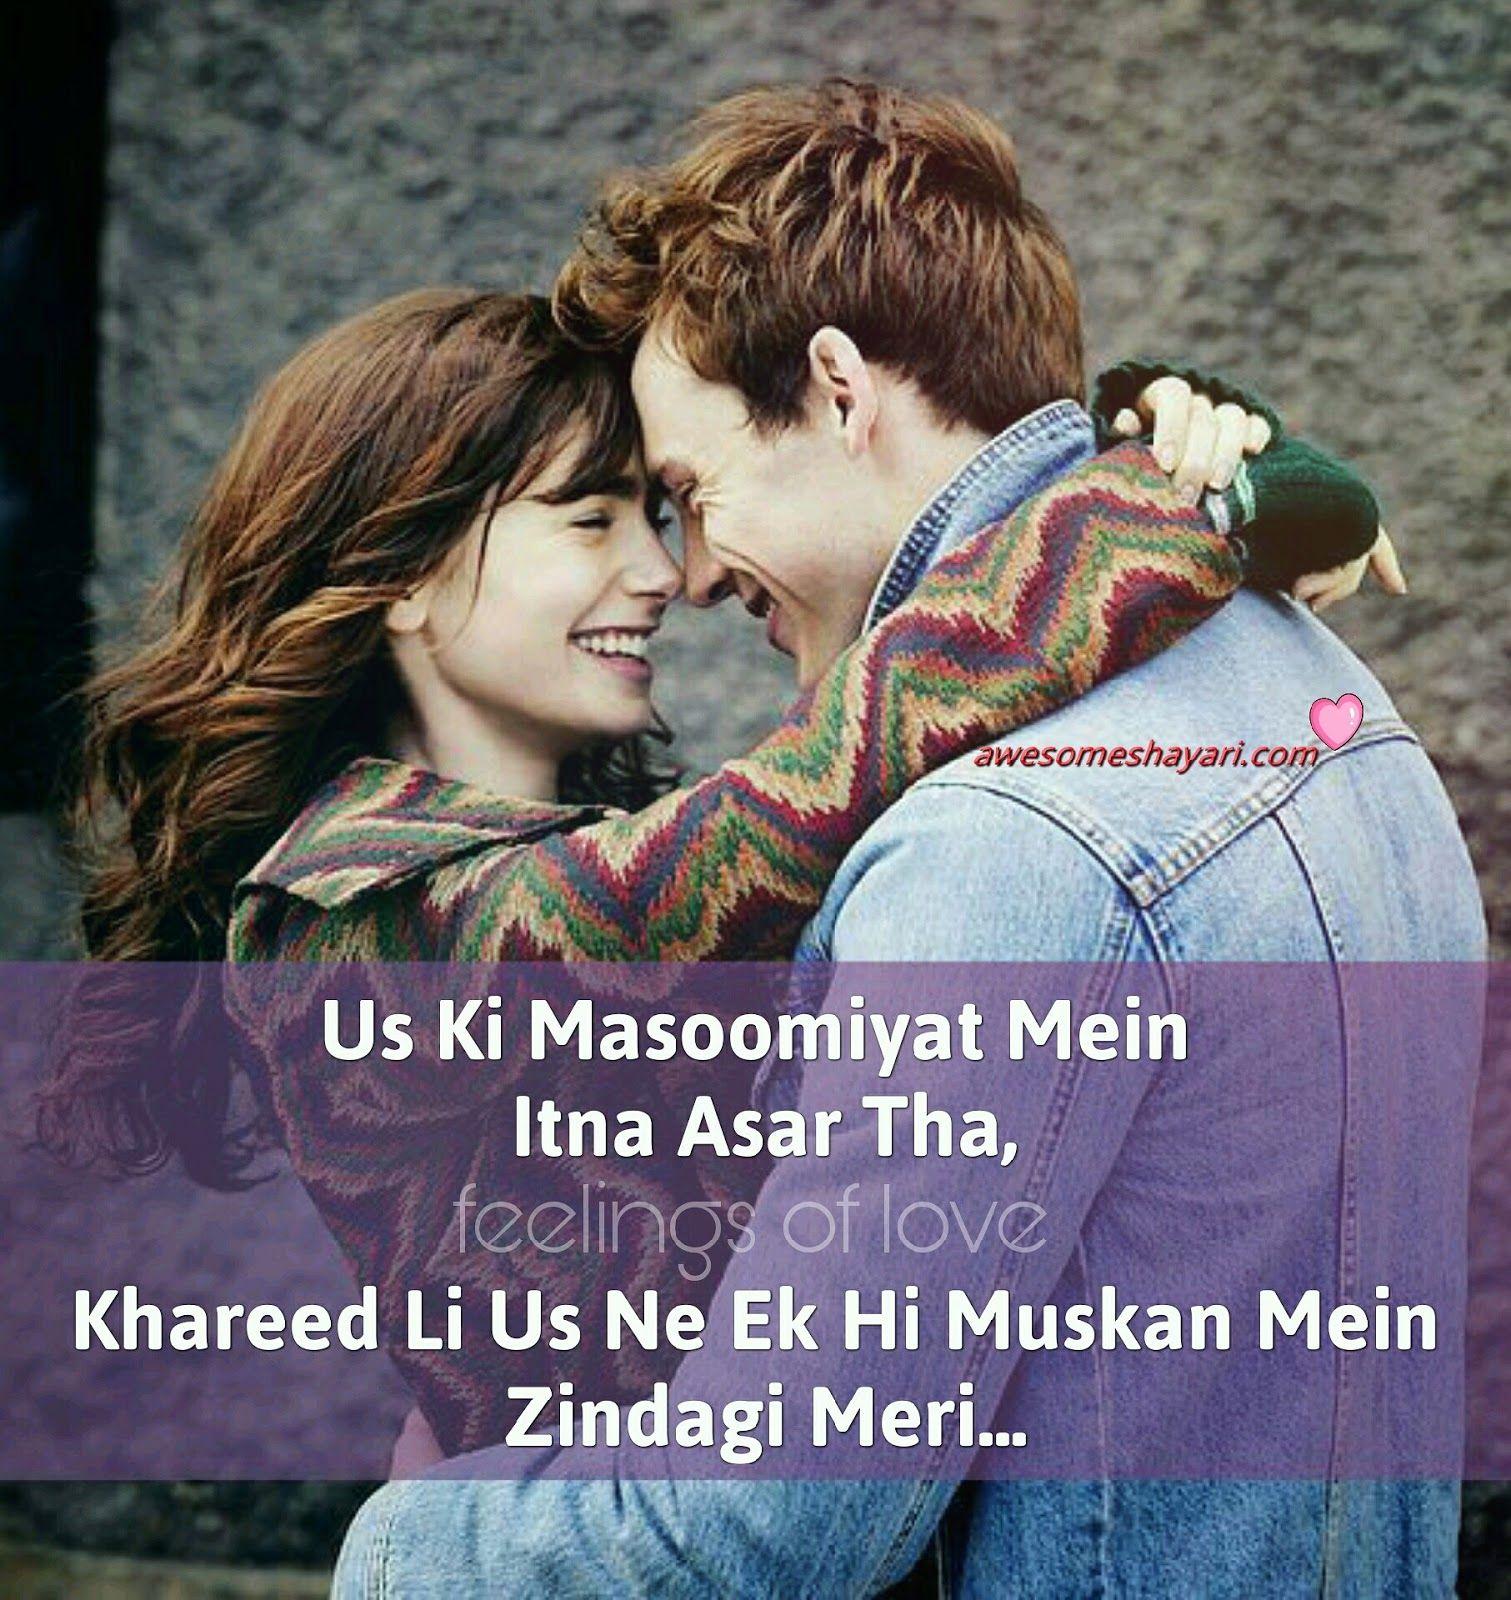 Uski Masoomiyat Mein Itna Asar Tha Khareed Li Usne Ek Hi Muskaan Mein Zindagi Meri À¤‰à¤¸à¤• À¤® À¤¸ À¤® À¤¯à¤¤ À¤® À¤‡à¤¤ Love Thoughts Love Quotes For Him Love Quotes